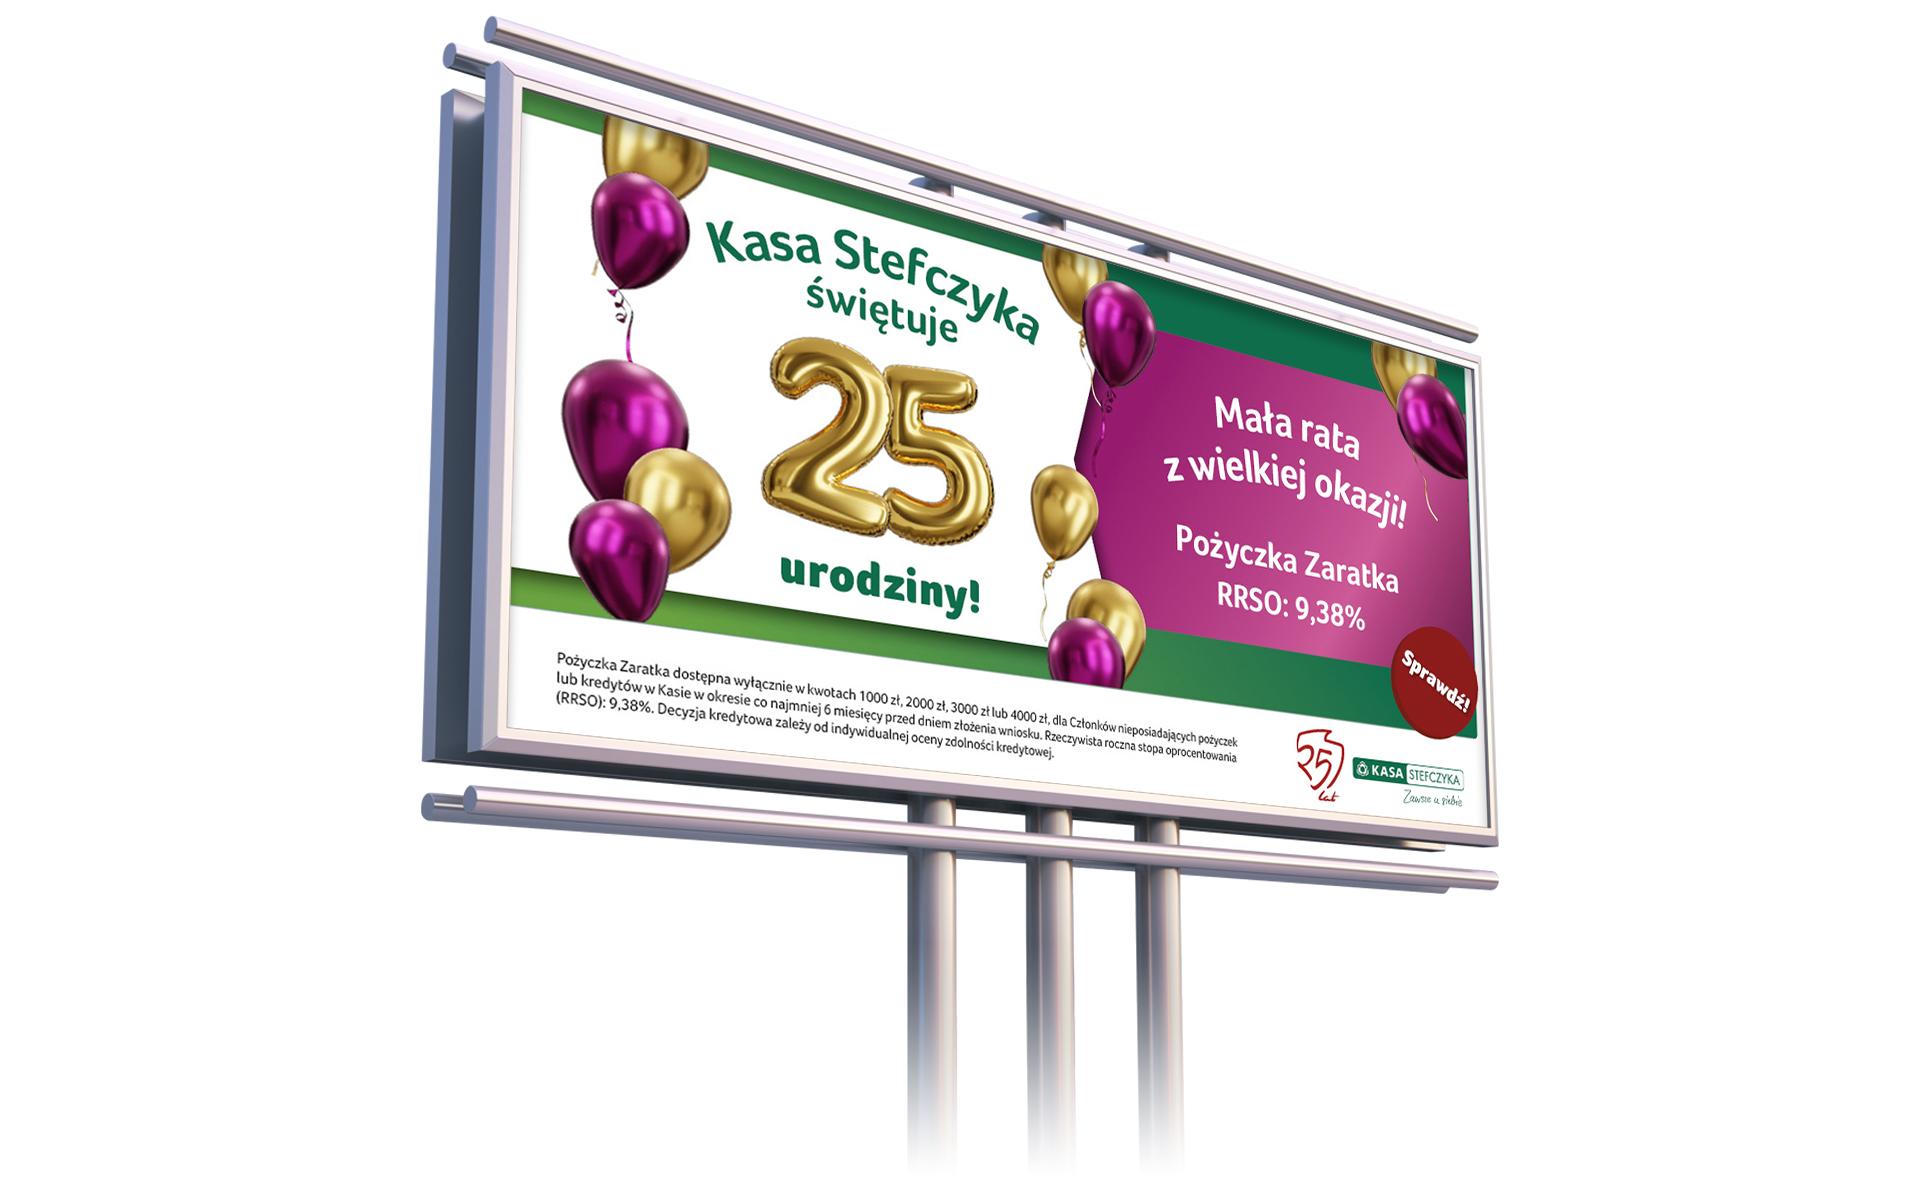 Kampania jubileuszowa Kasy Stefczyka billboard